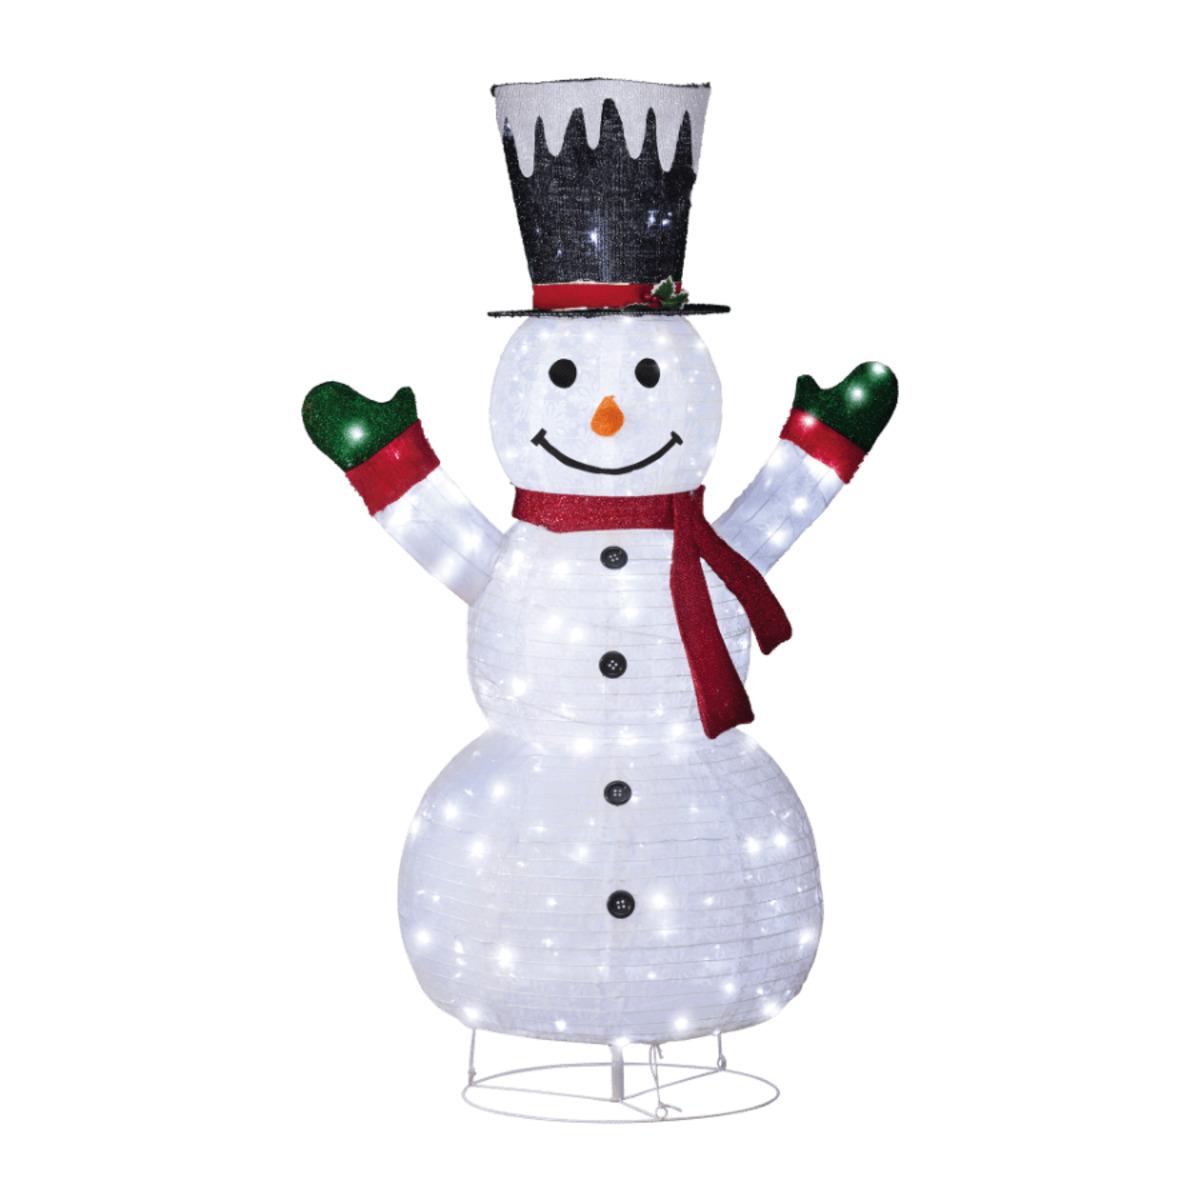 Bild 2 von LIGHTZONE     XXL-Weihnachtsfigur